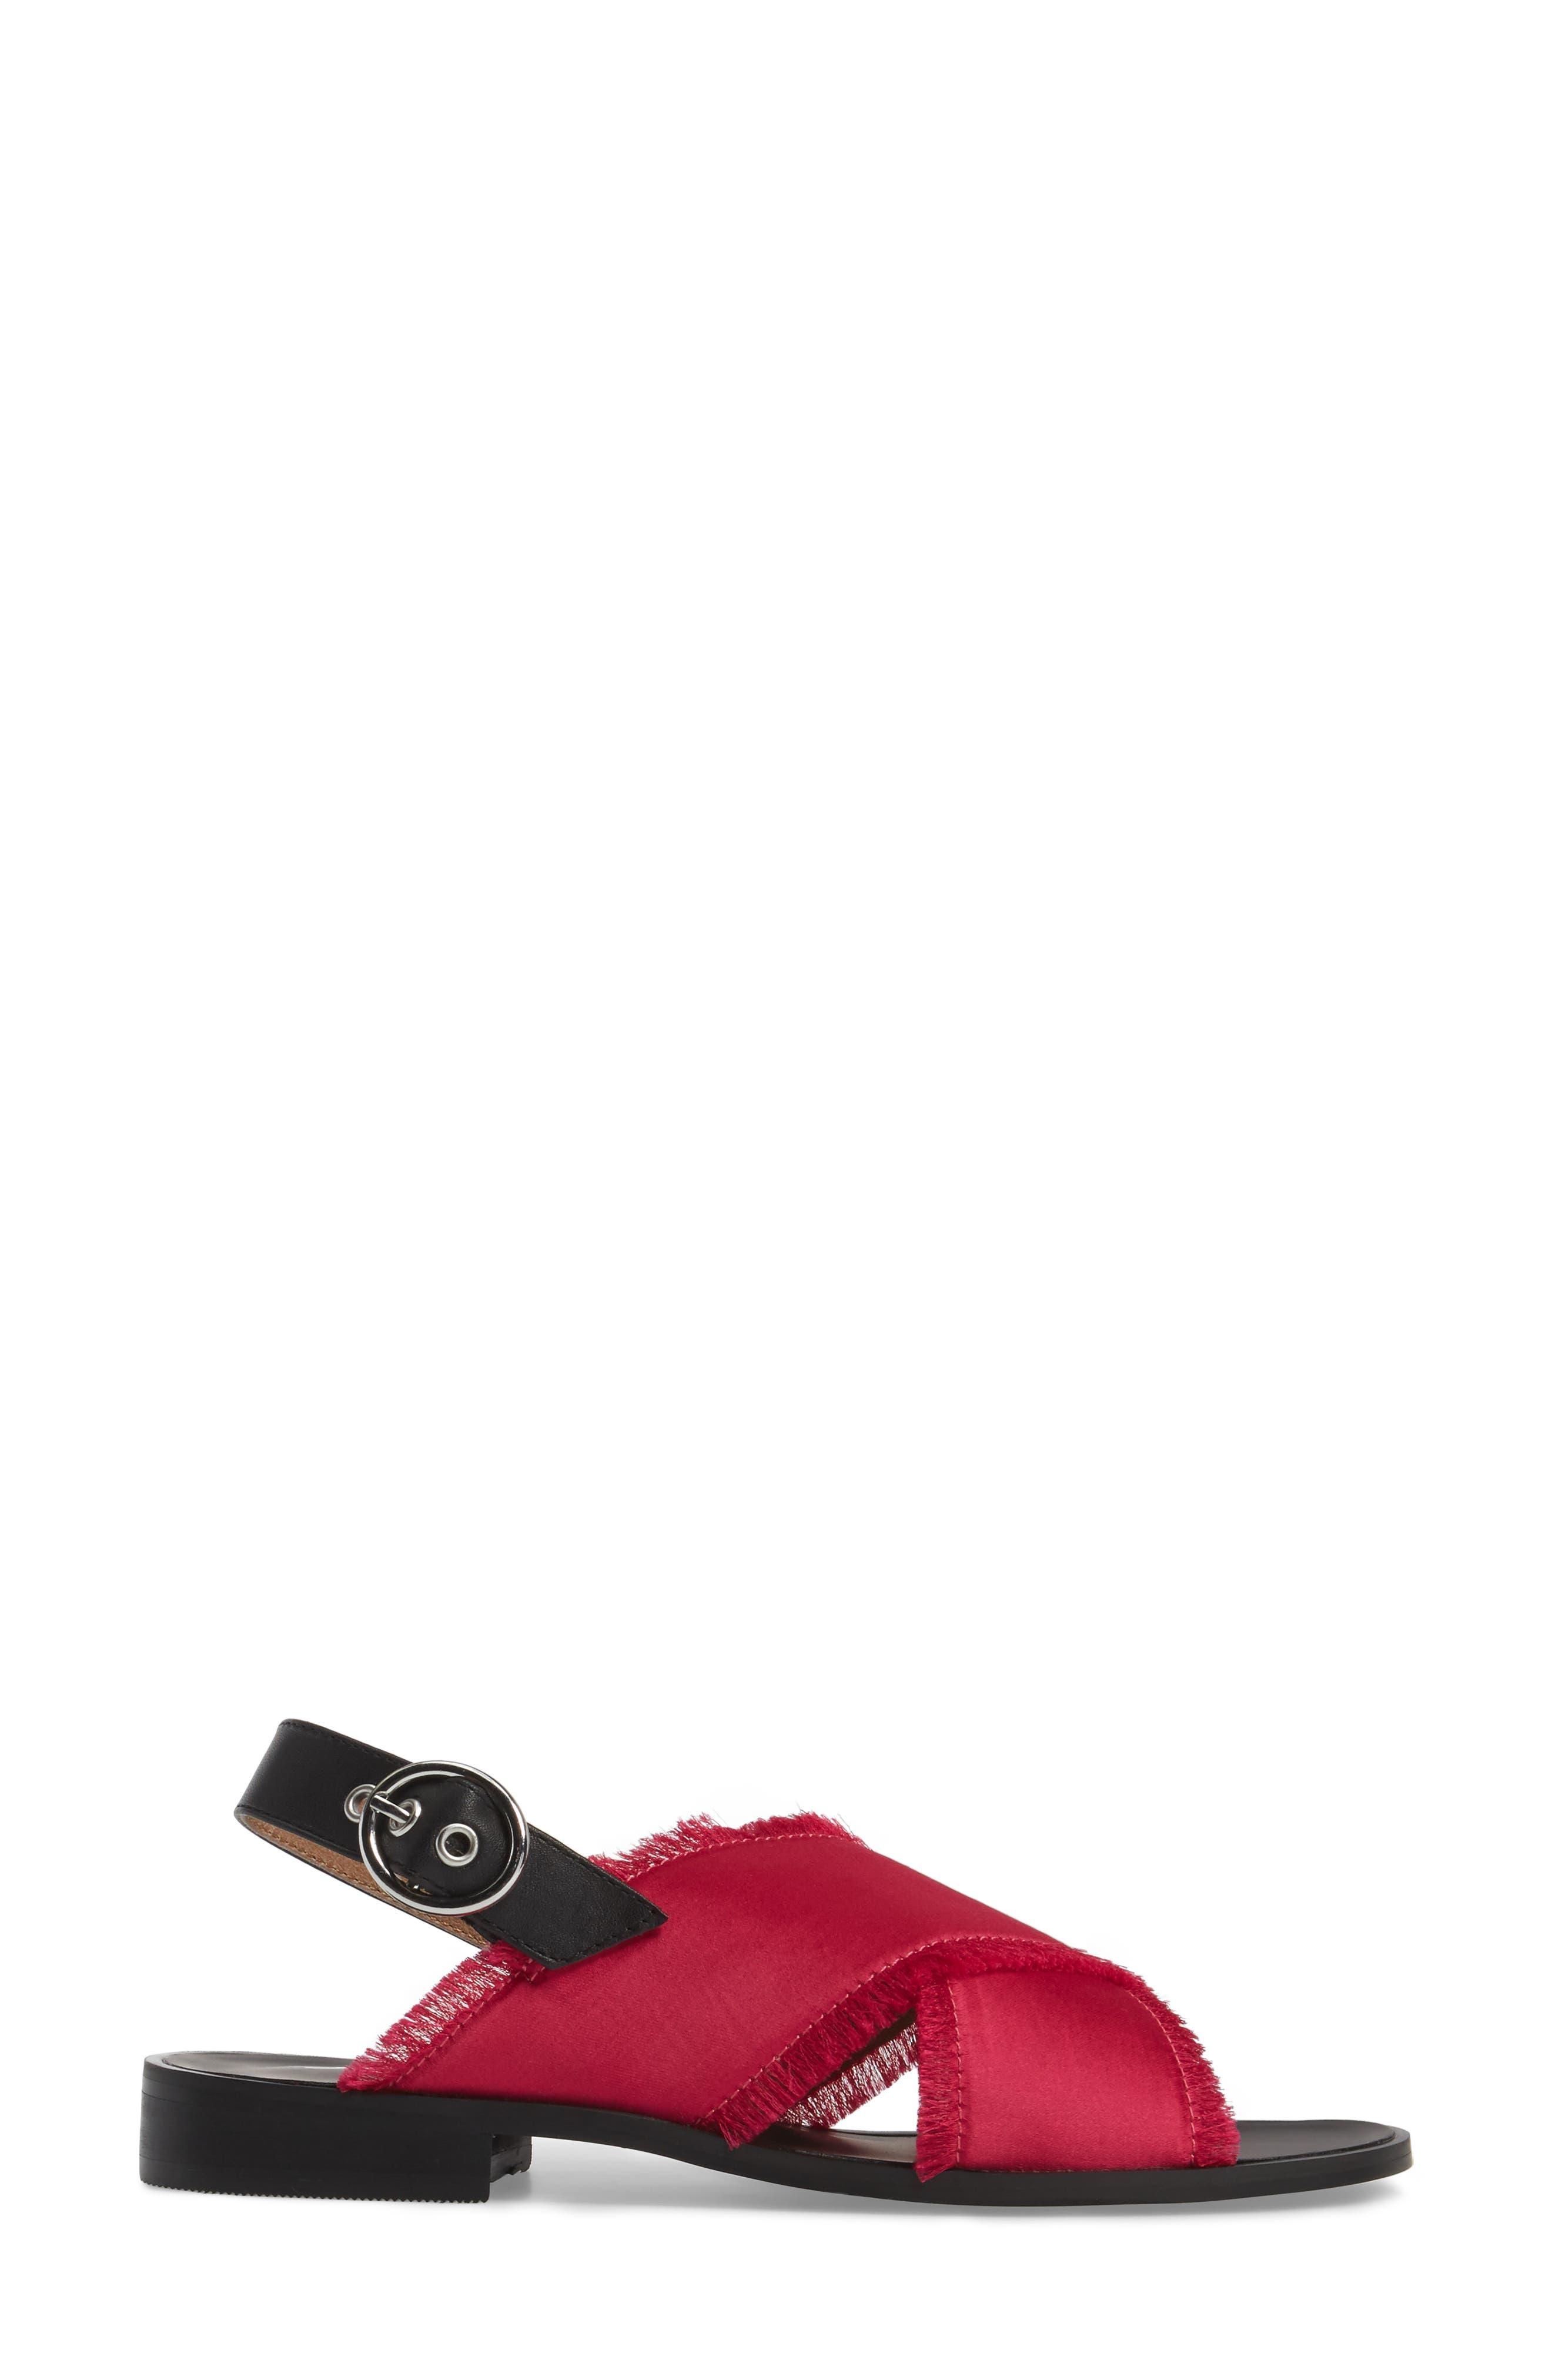 Alternate Image 3  - Shellys London Endy Fringed Cross Strap Sandal (Women)